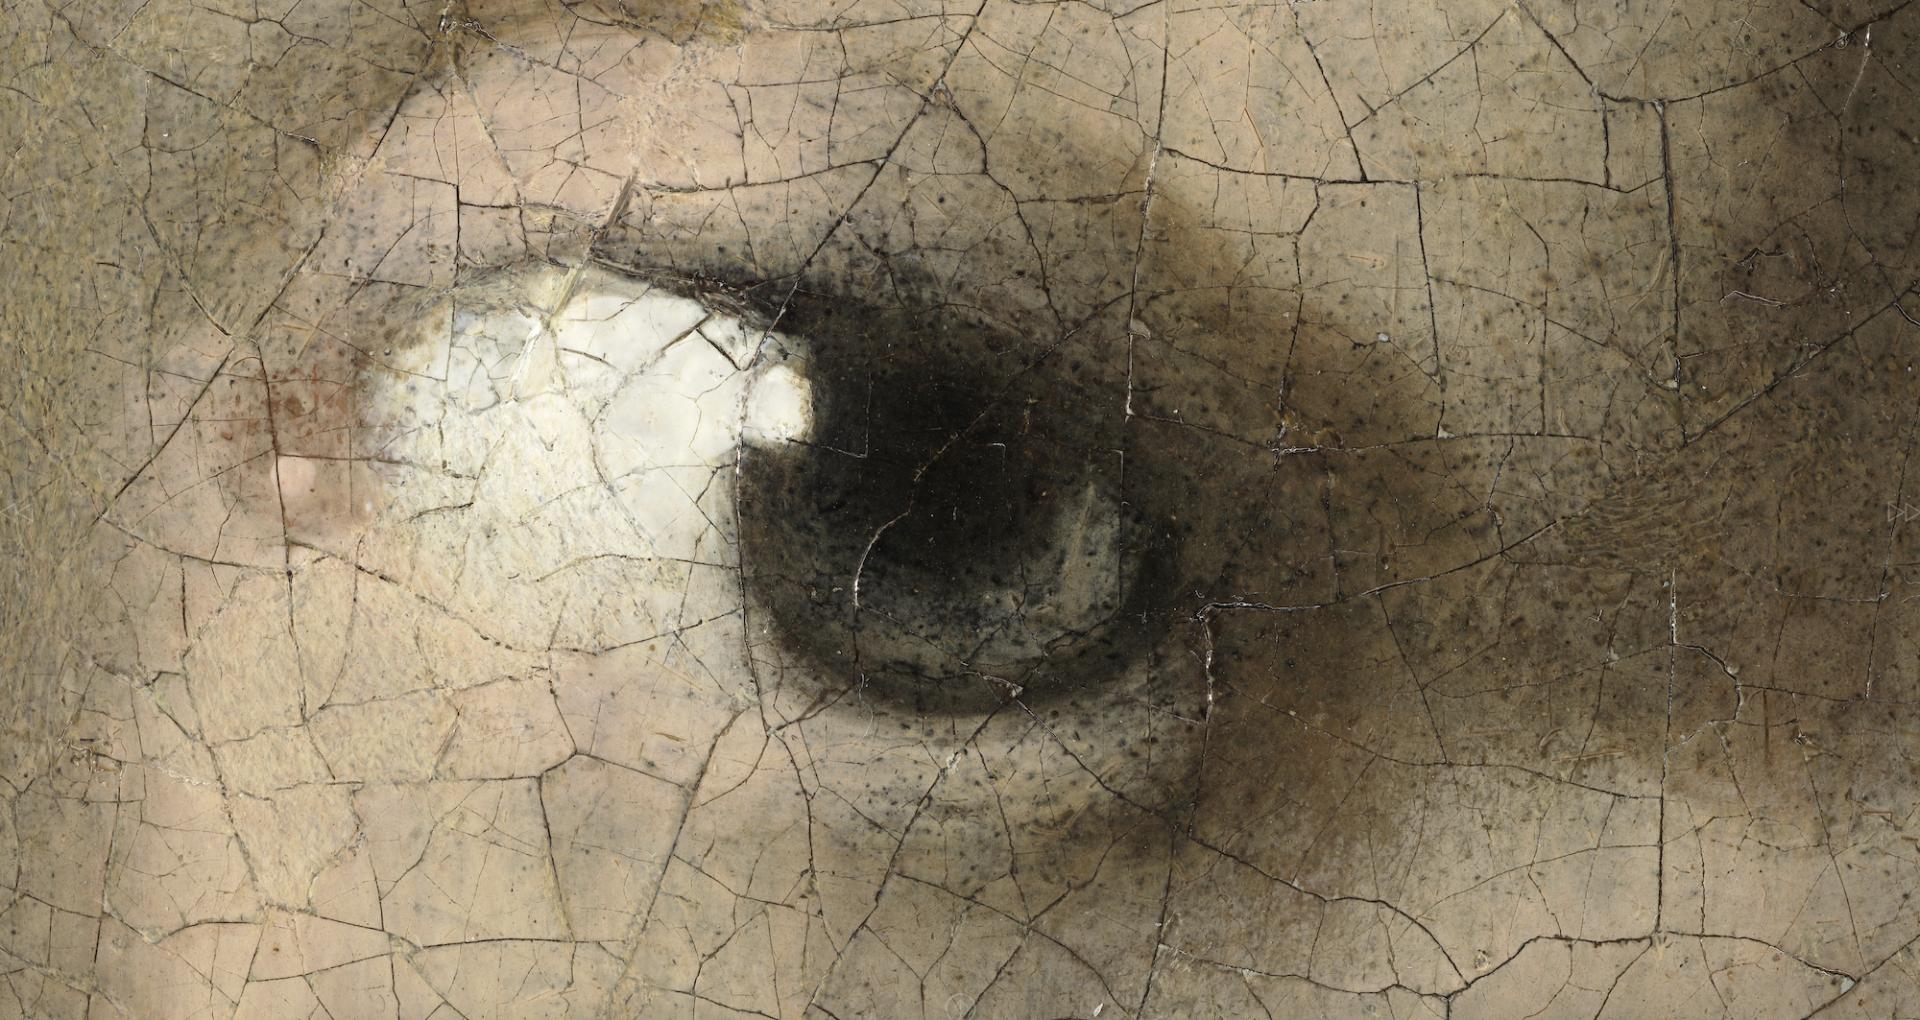 """Explorez """"La Jeune Fille à la perle"""" avec cette photo de 10 milliards de pixels ! (vidéo) Par Maxime Delmas La-jeune-fille-a-la-perle-10-milliards-pixels-1-2-1920x1020"""